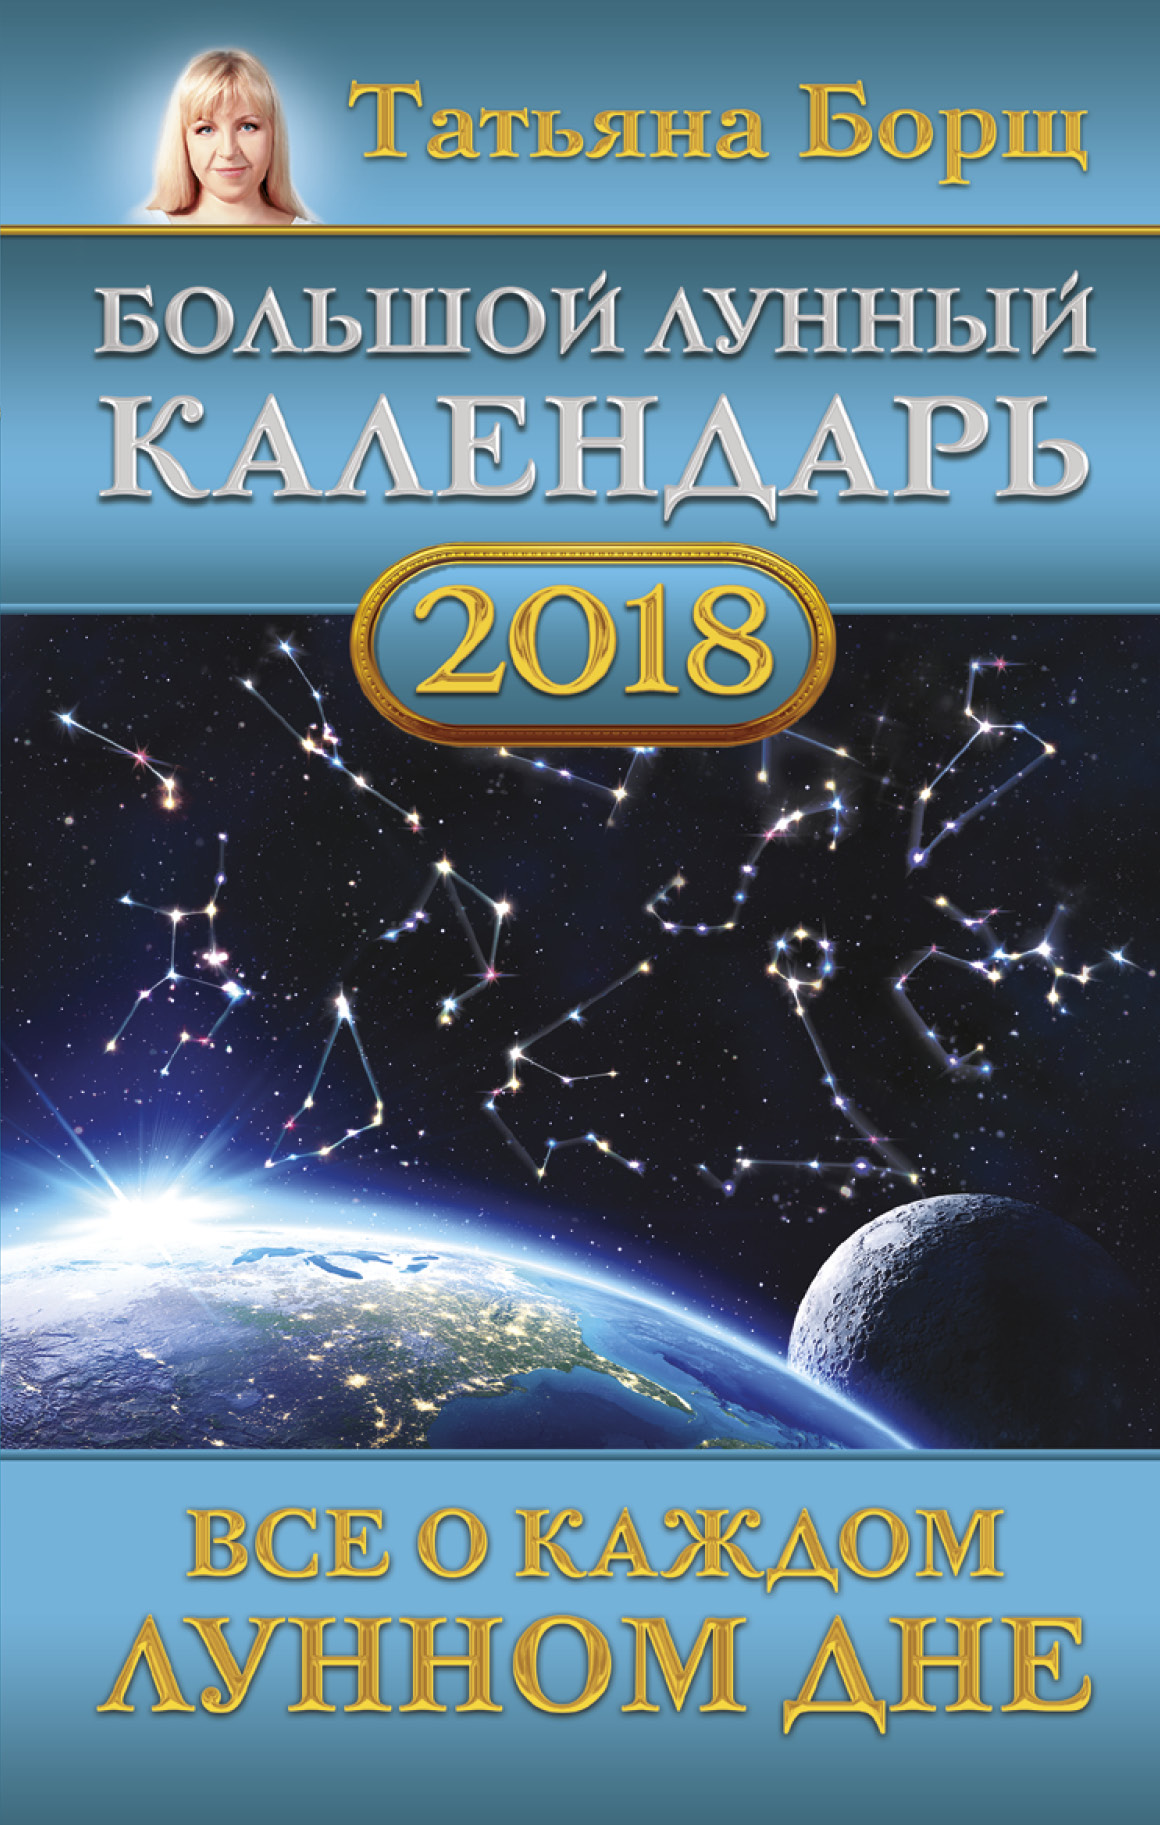 Борщ Татьяна Большой лунный календарь на 2018 год: все о каждом лунном дне ISBN: 978-5-17-103962-2